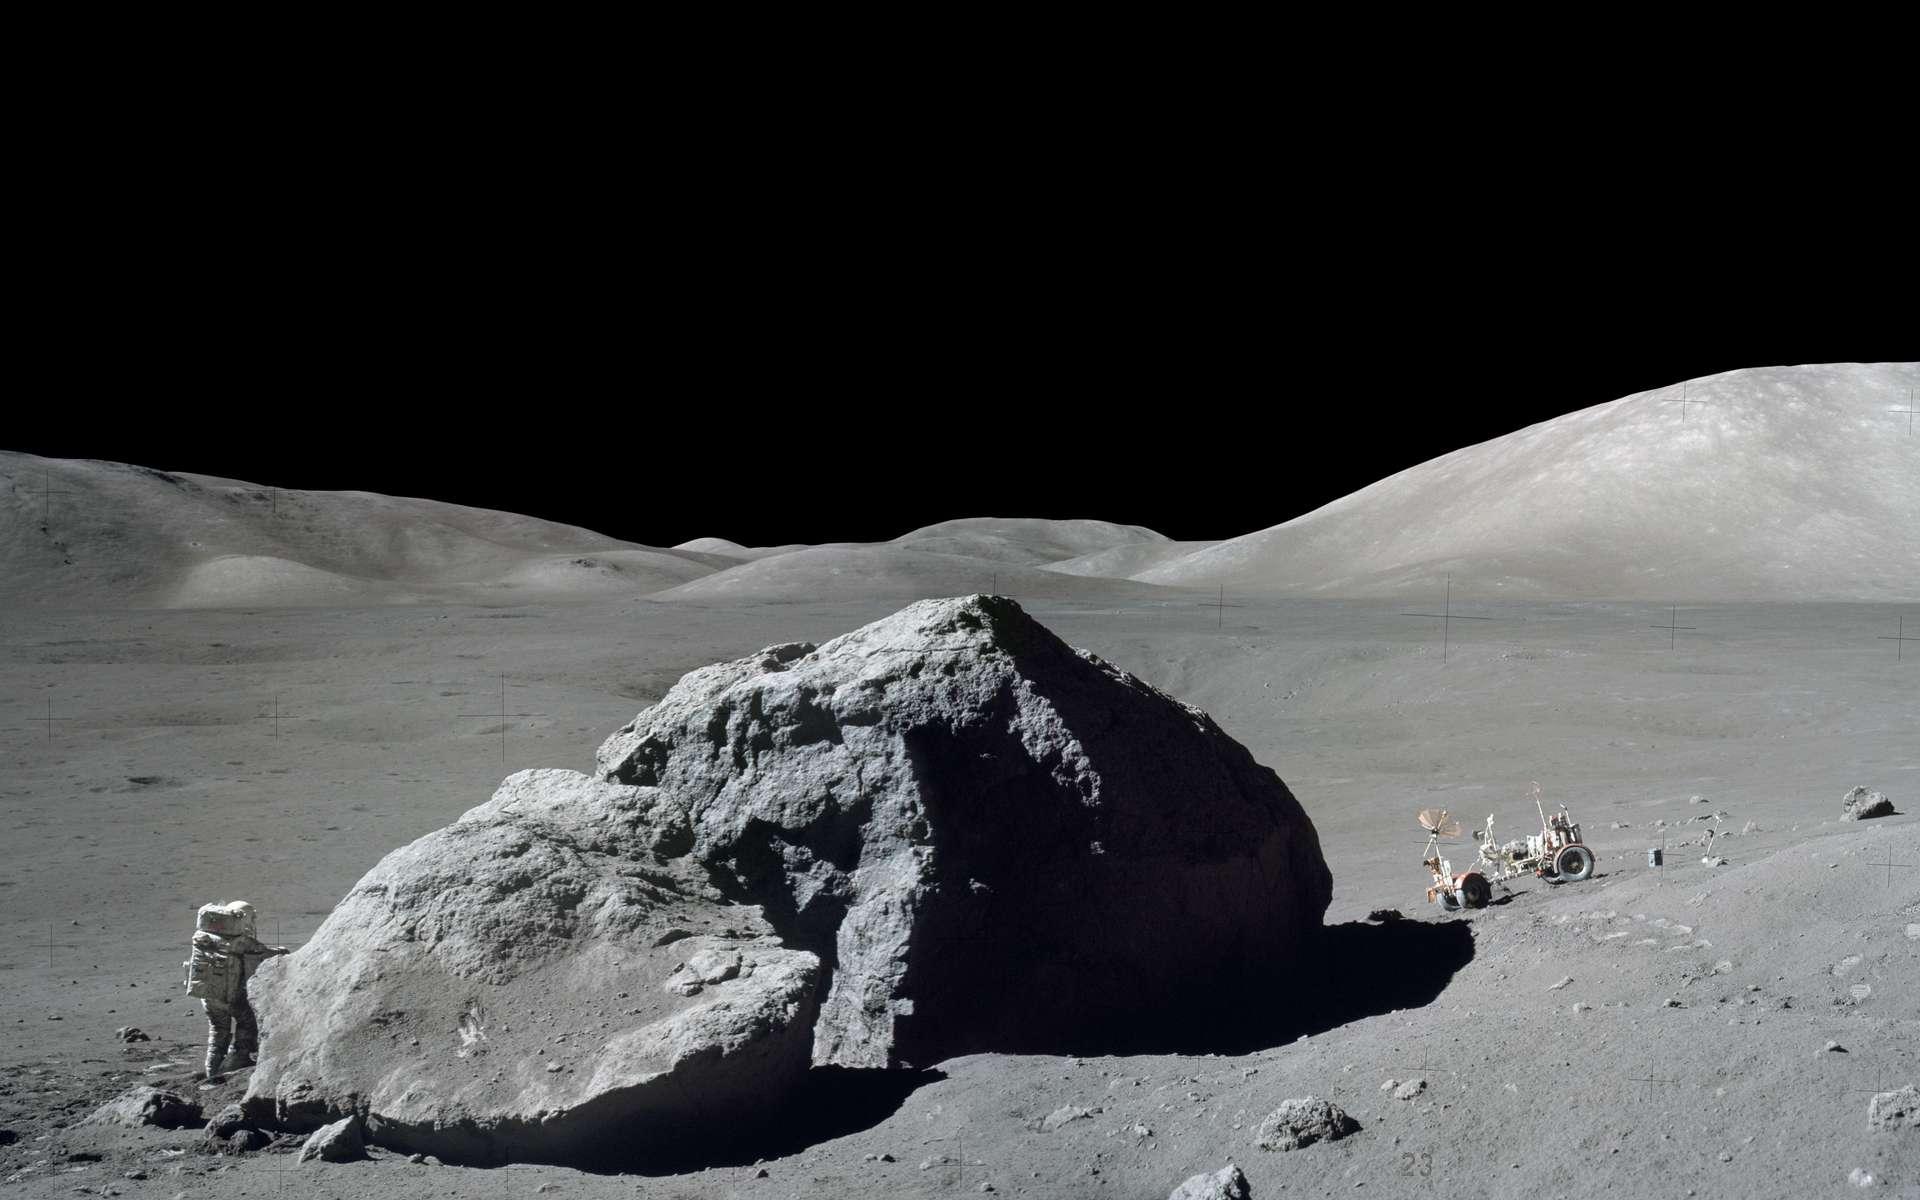 La surface de la Lune photographiée par Eugène Cernan, lors de la mission Apollo 17. © Nasa